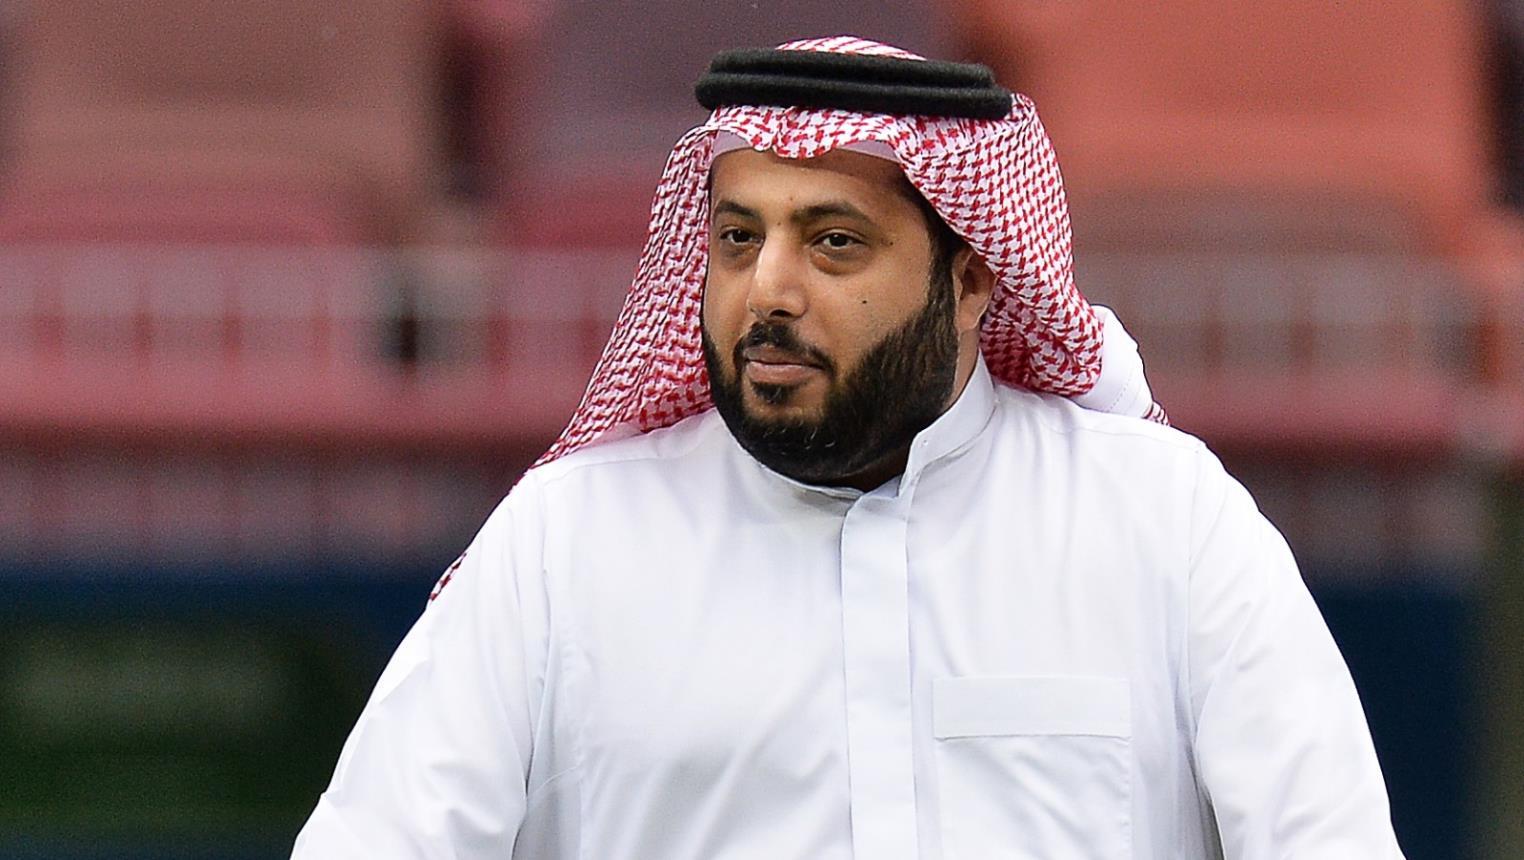 تركي آل الشيخ يحذر من تجاوز المغردين ضد الهيئة العامة للترفيه